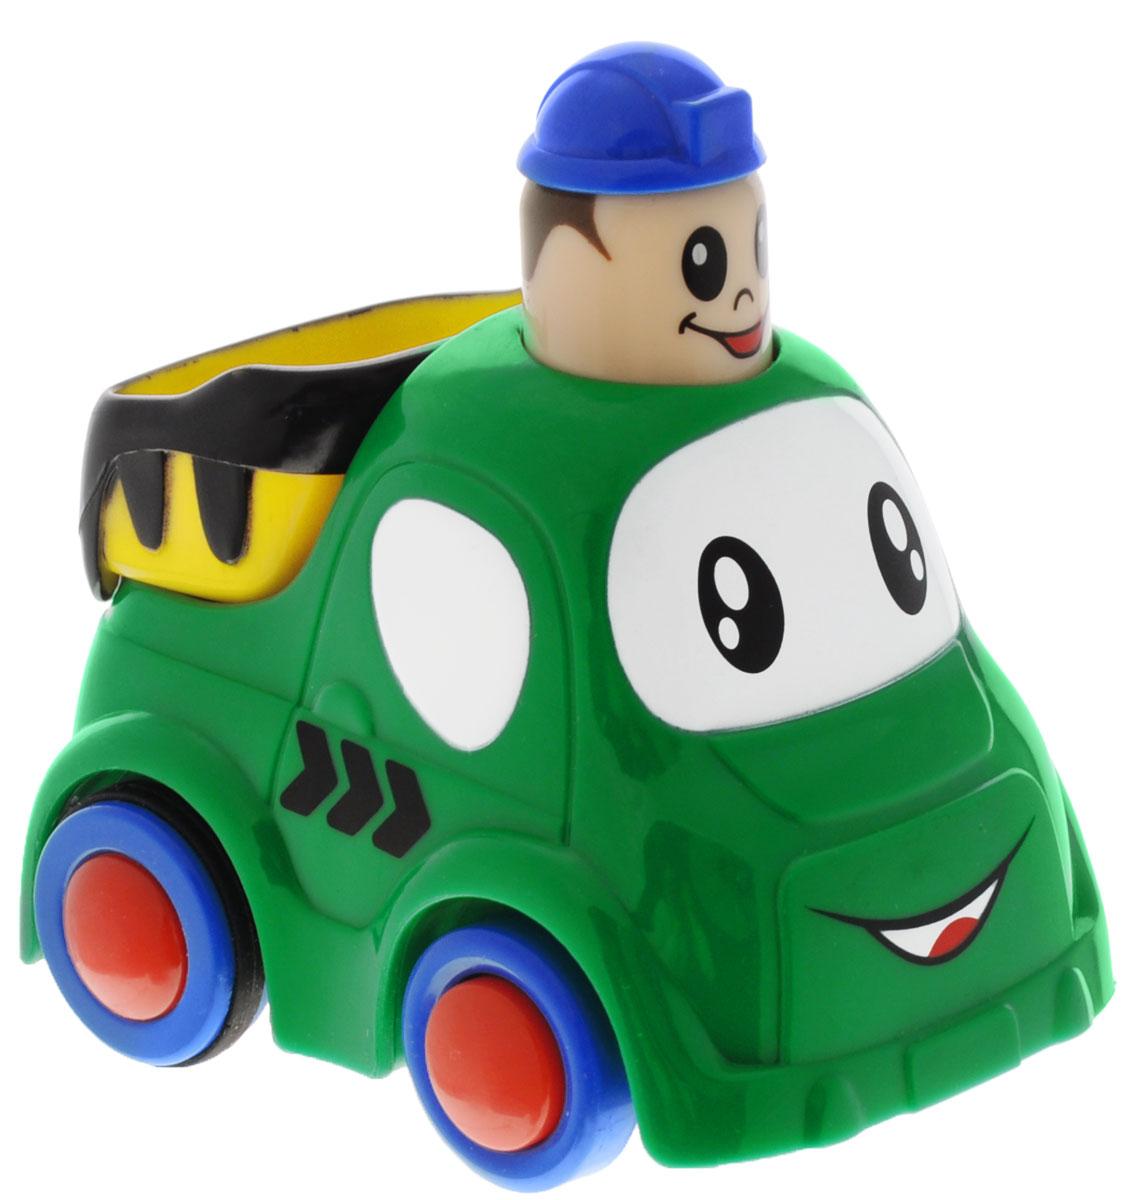 Simba Инерционная Мини-машинка цвет зеленый4019516_зеленыйМини машинка 9 см